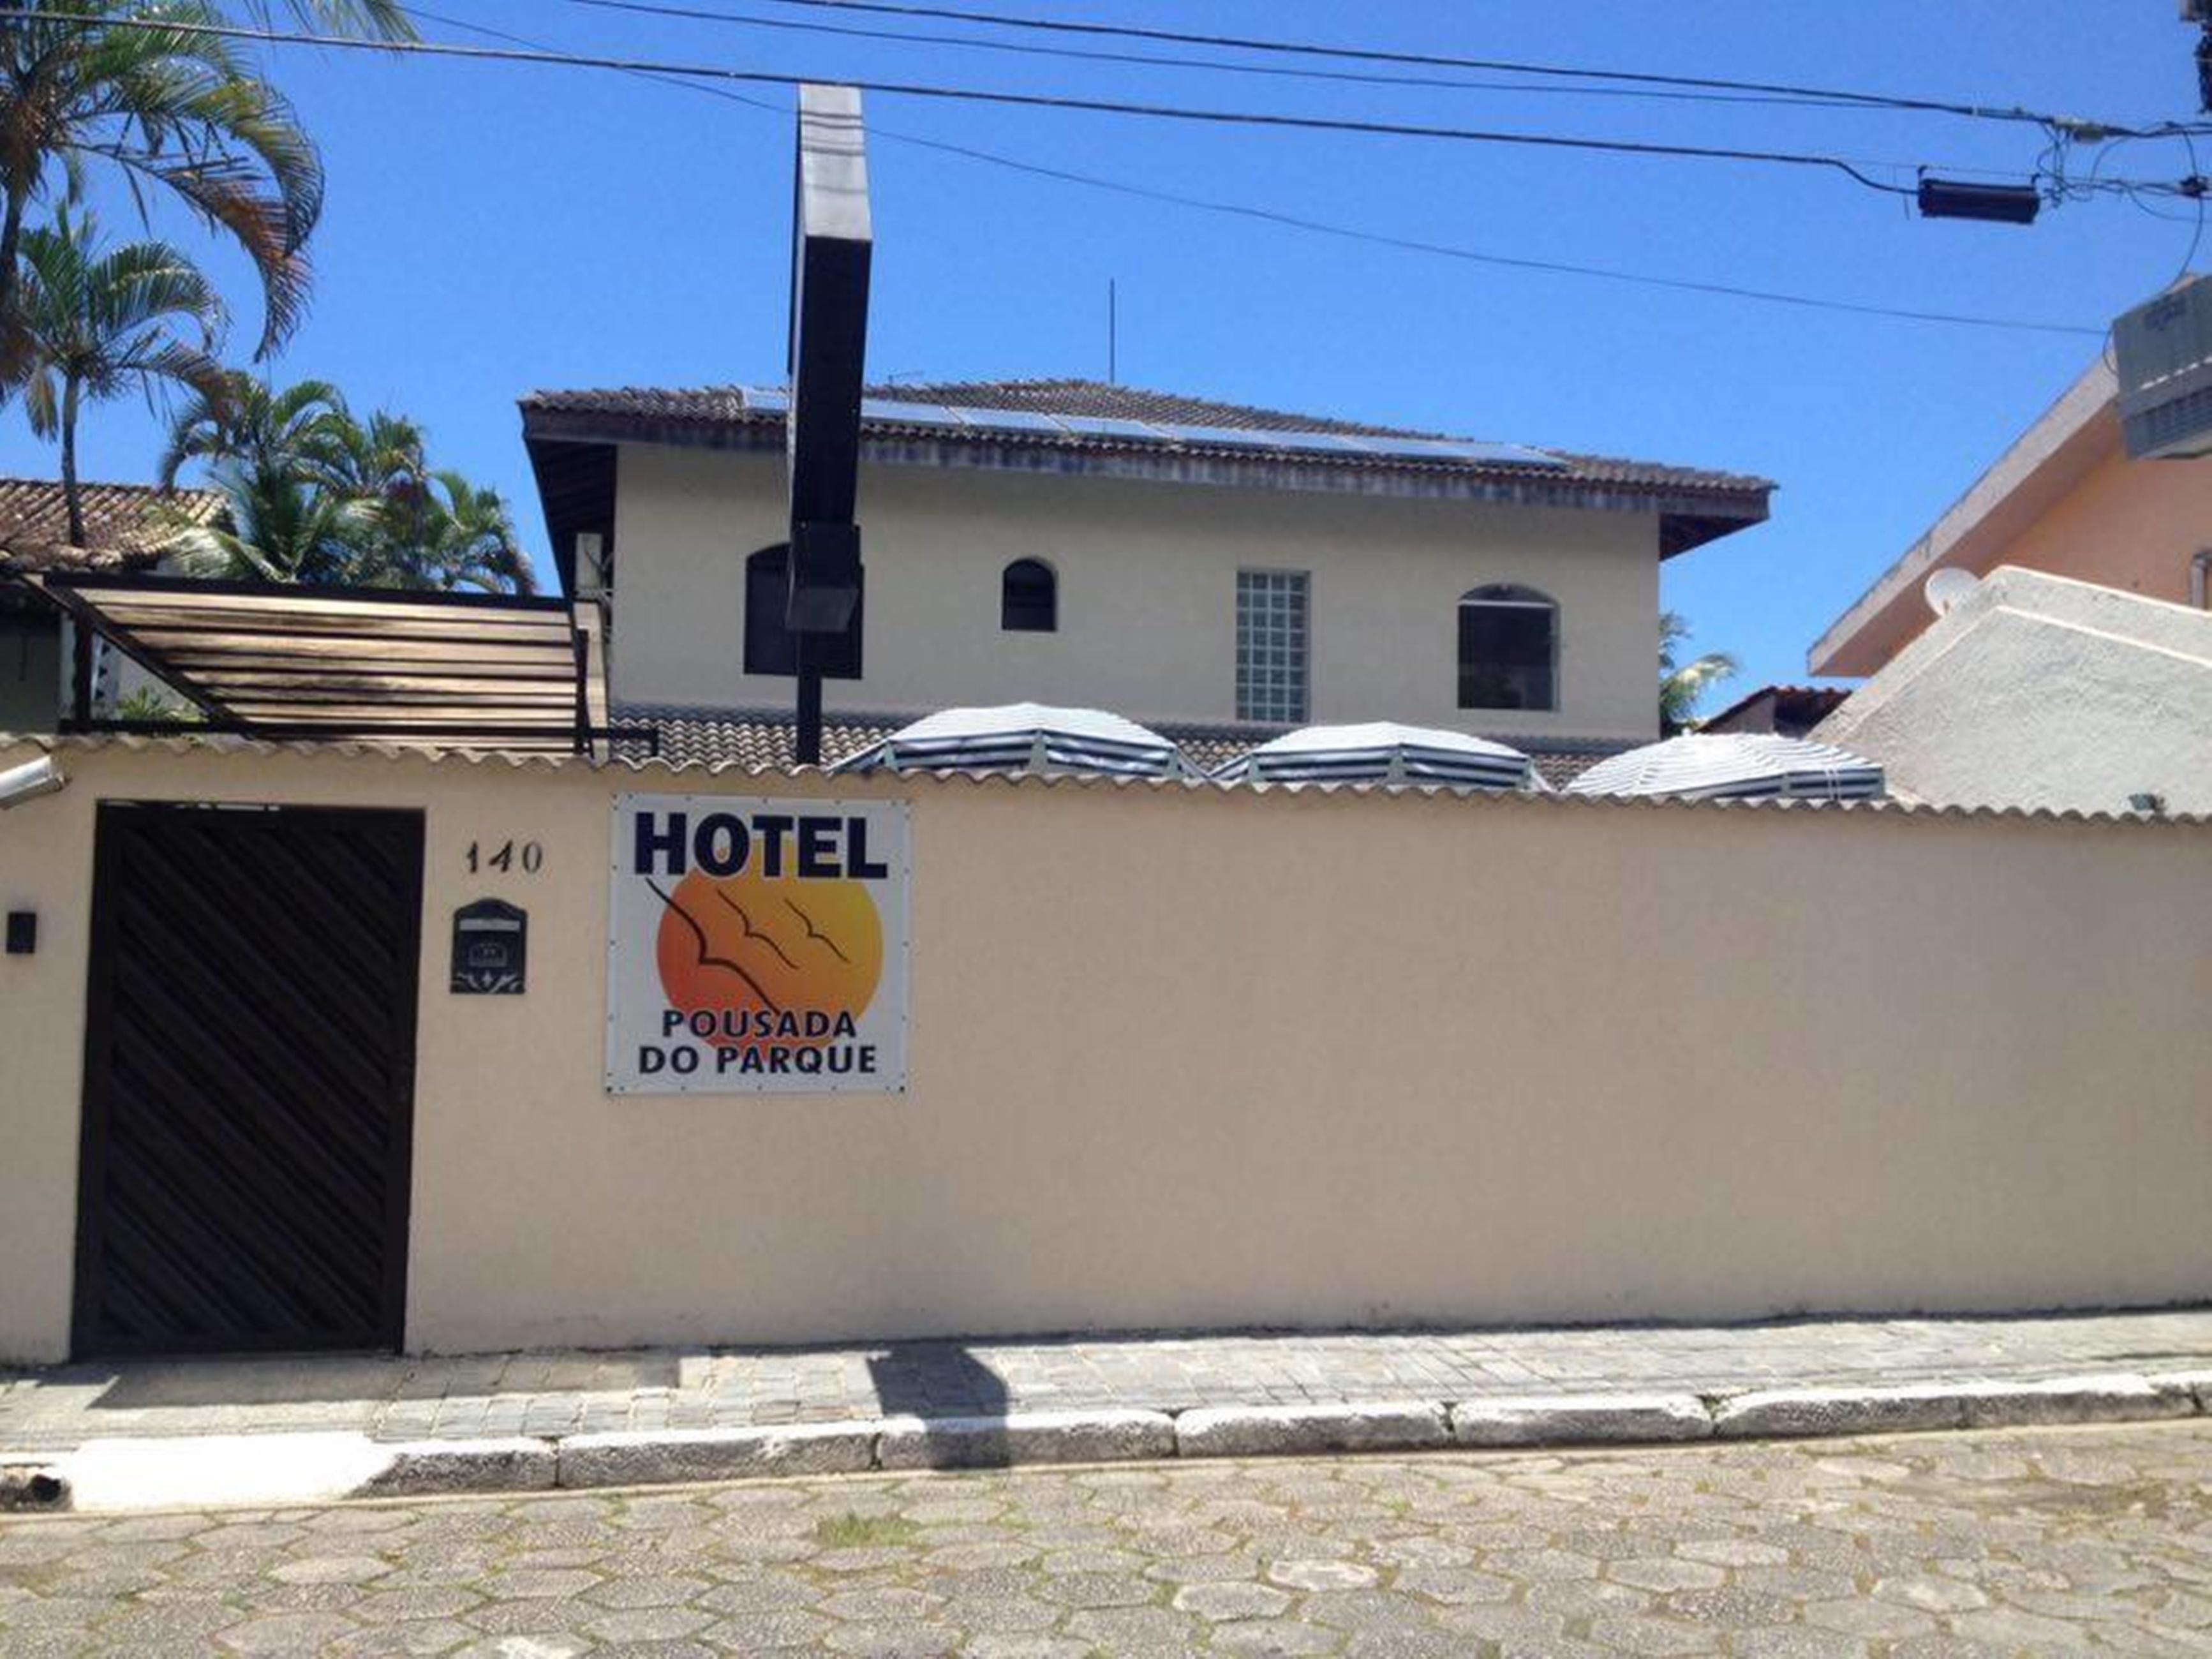 Hotel Pousada do Parque Guaruja, Guarujá